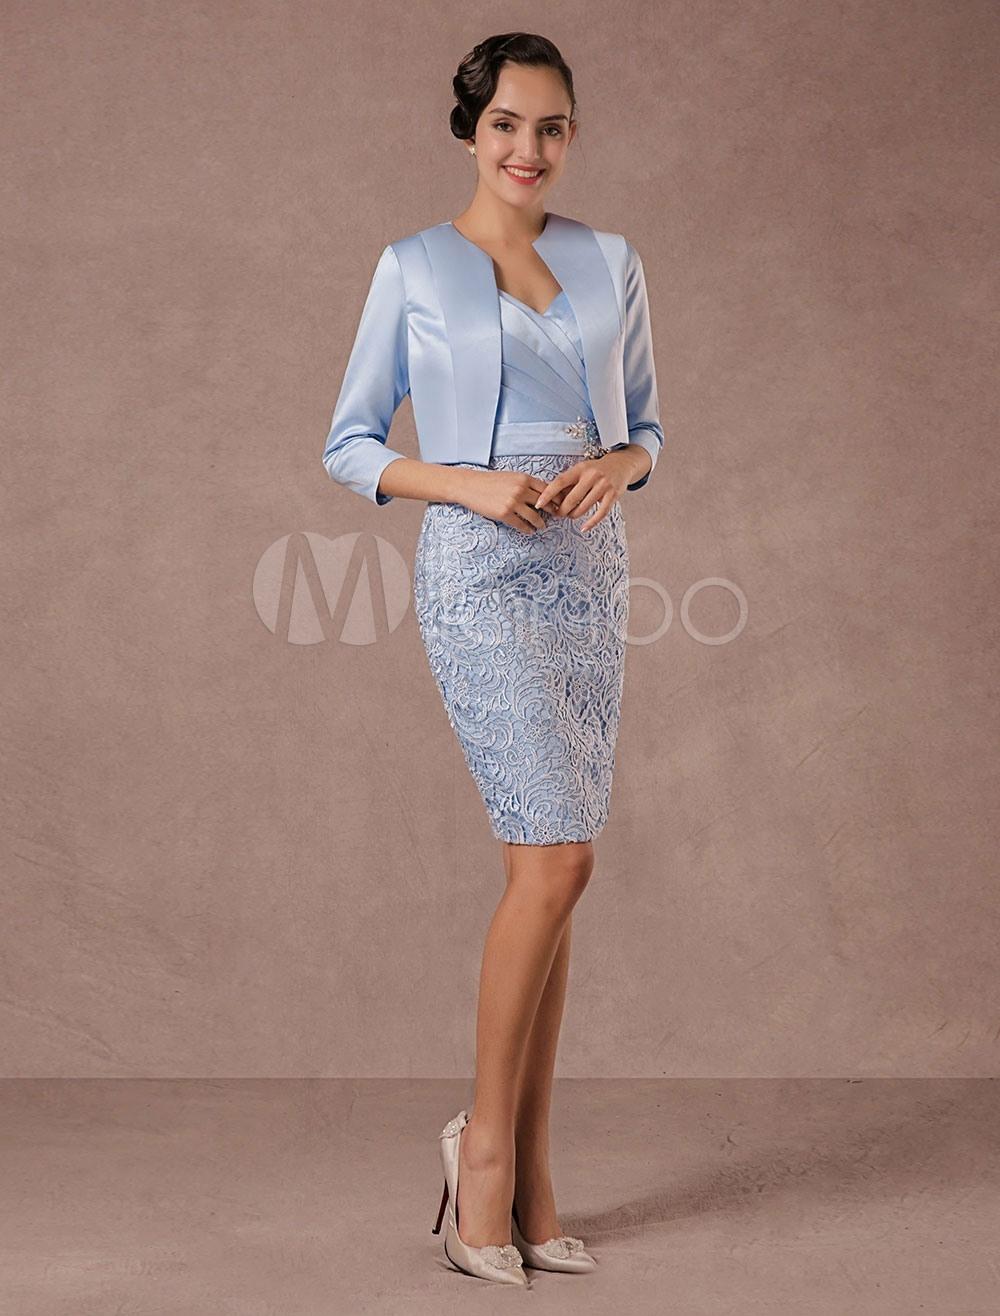 Schön Lange Kleider Elegant Günstig GalerieFormal Schön Lange Kleider Elegant Günstig für 2019